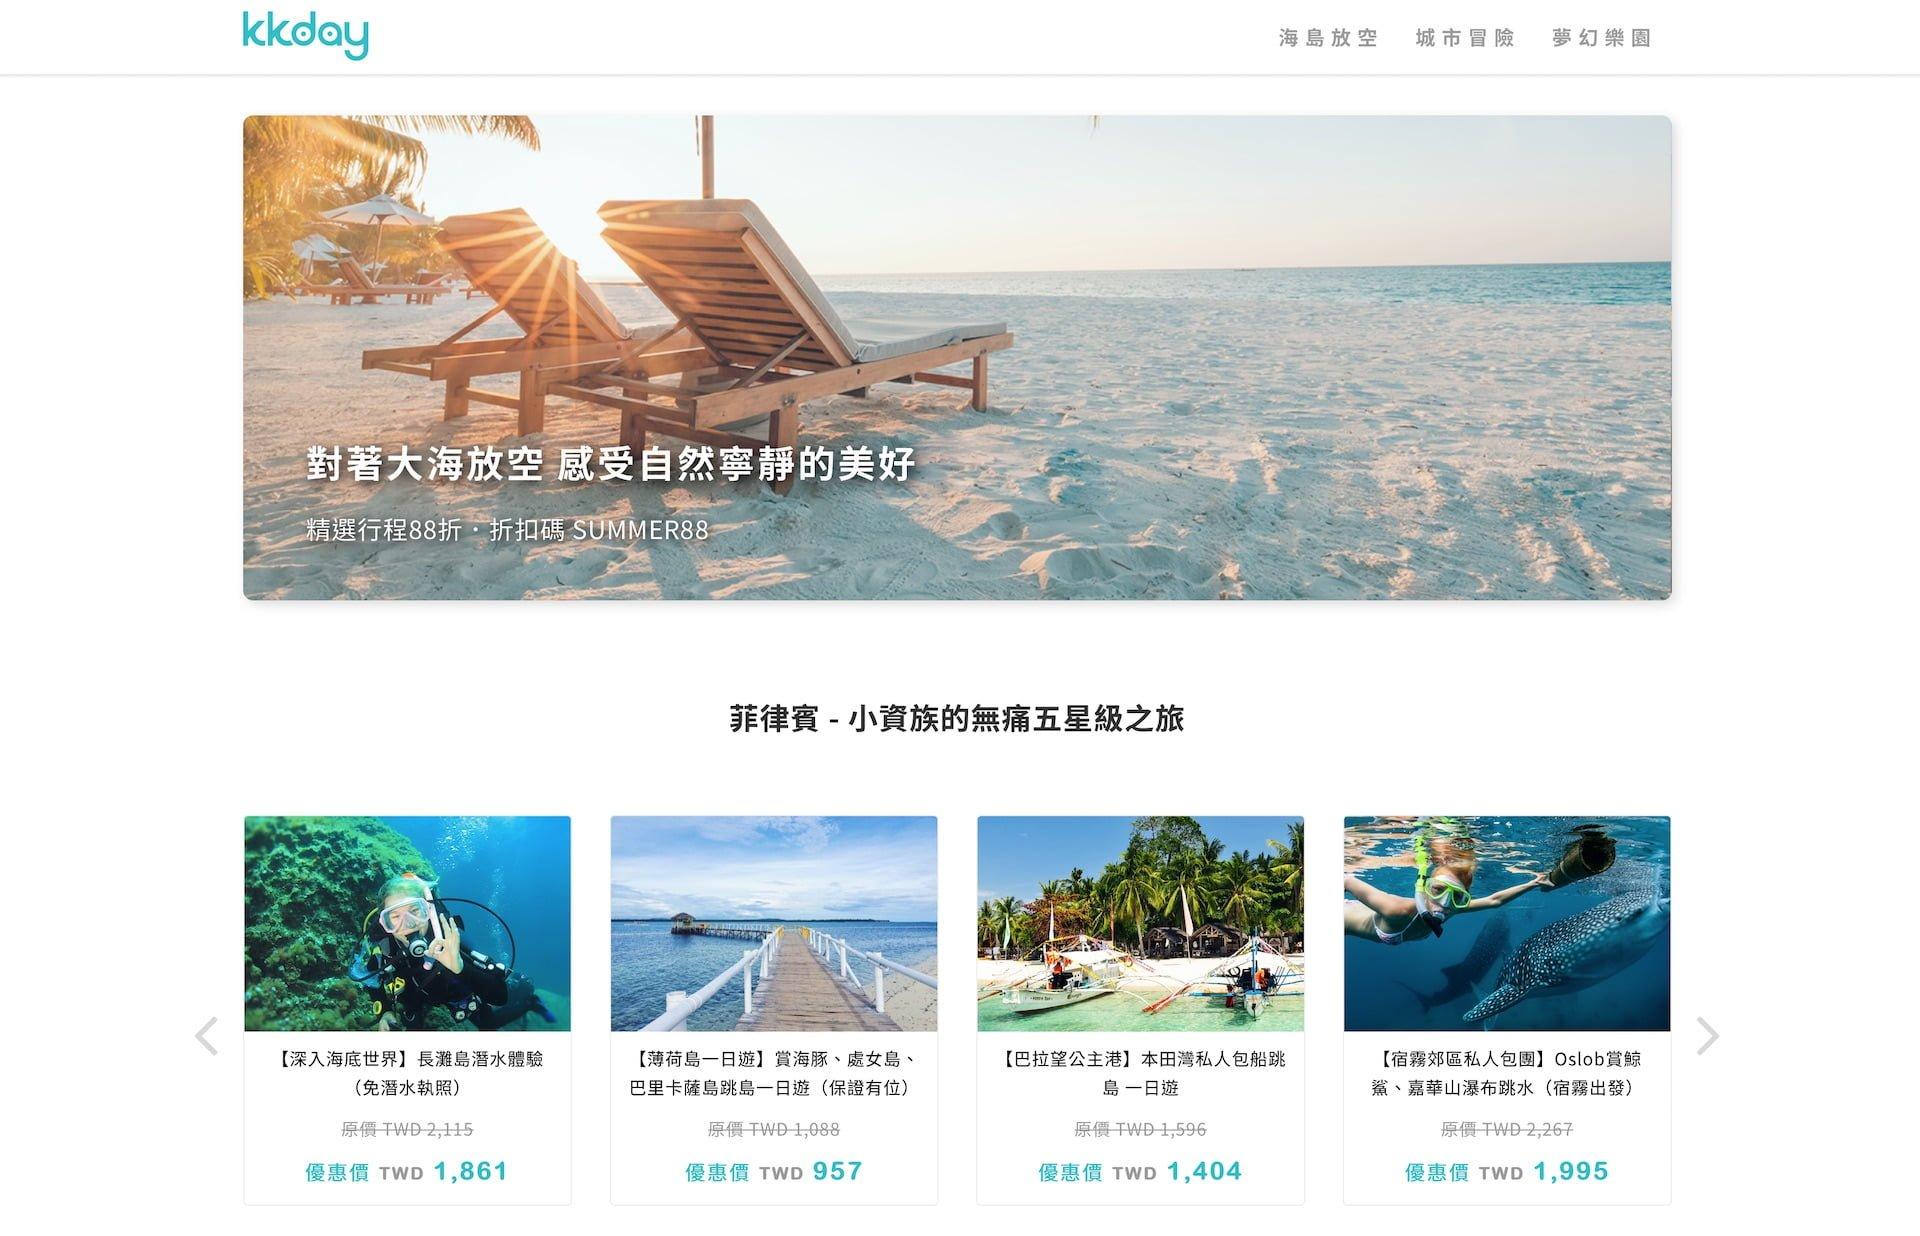 KKday 6、7雙月年中慶 旅遊行程88折 買A享B半價